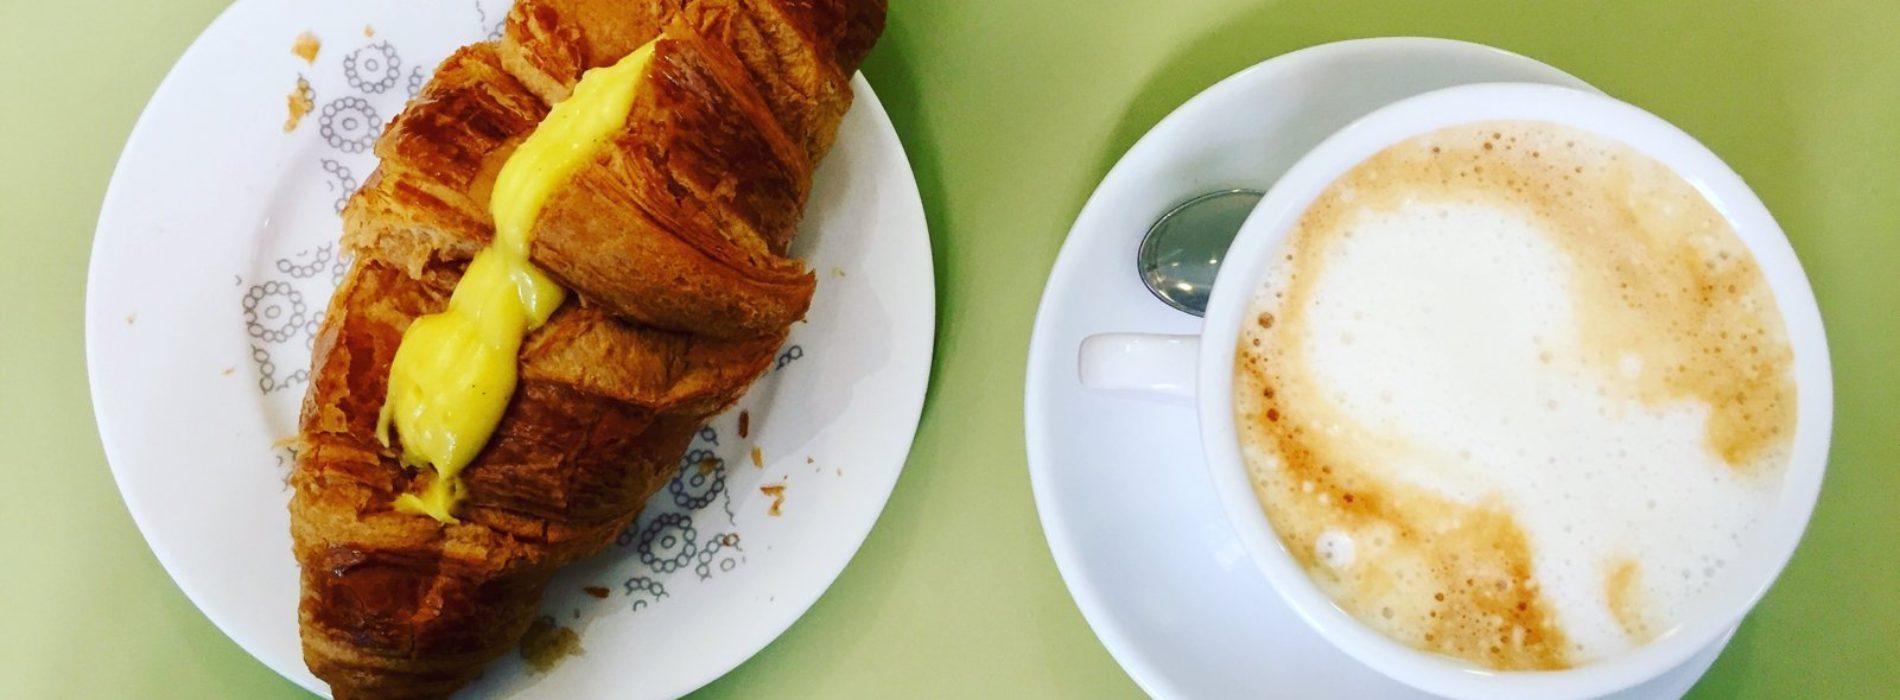 Cafè Merenda Roma, carrot cake e zabaione nel bar-pasticceria di Marconi